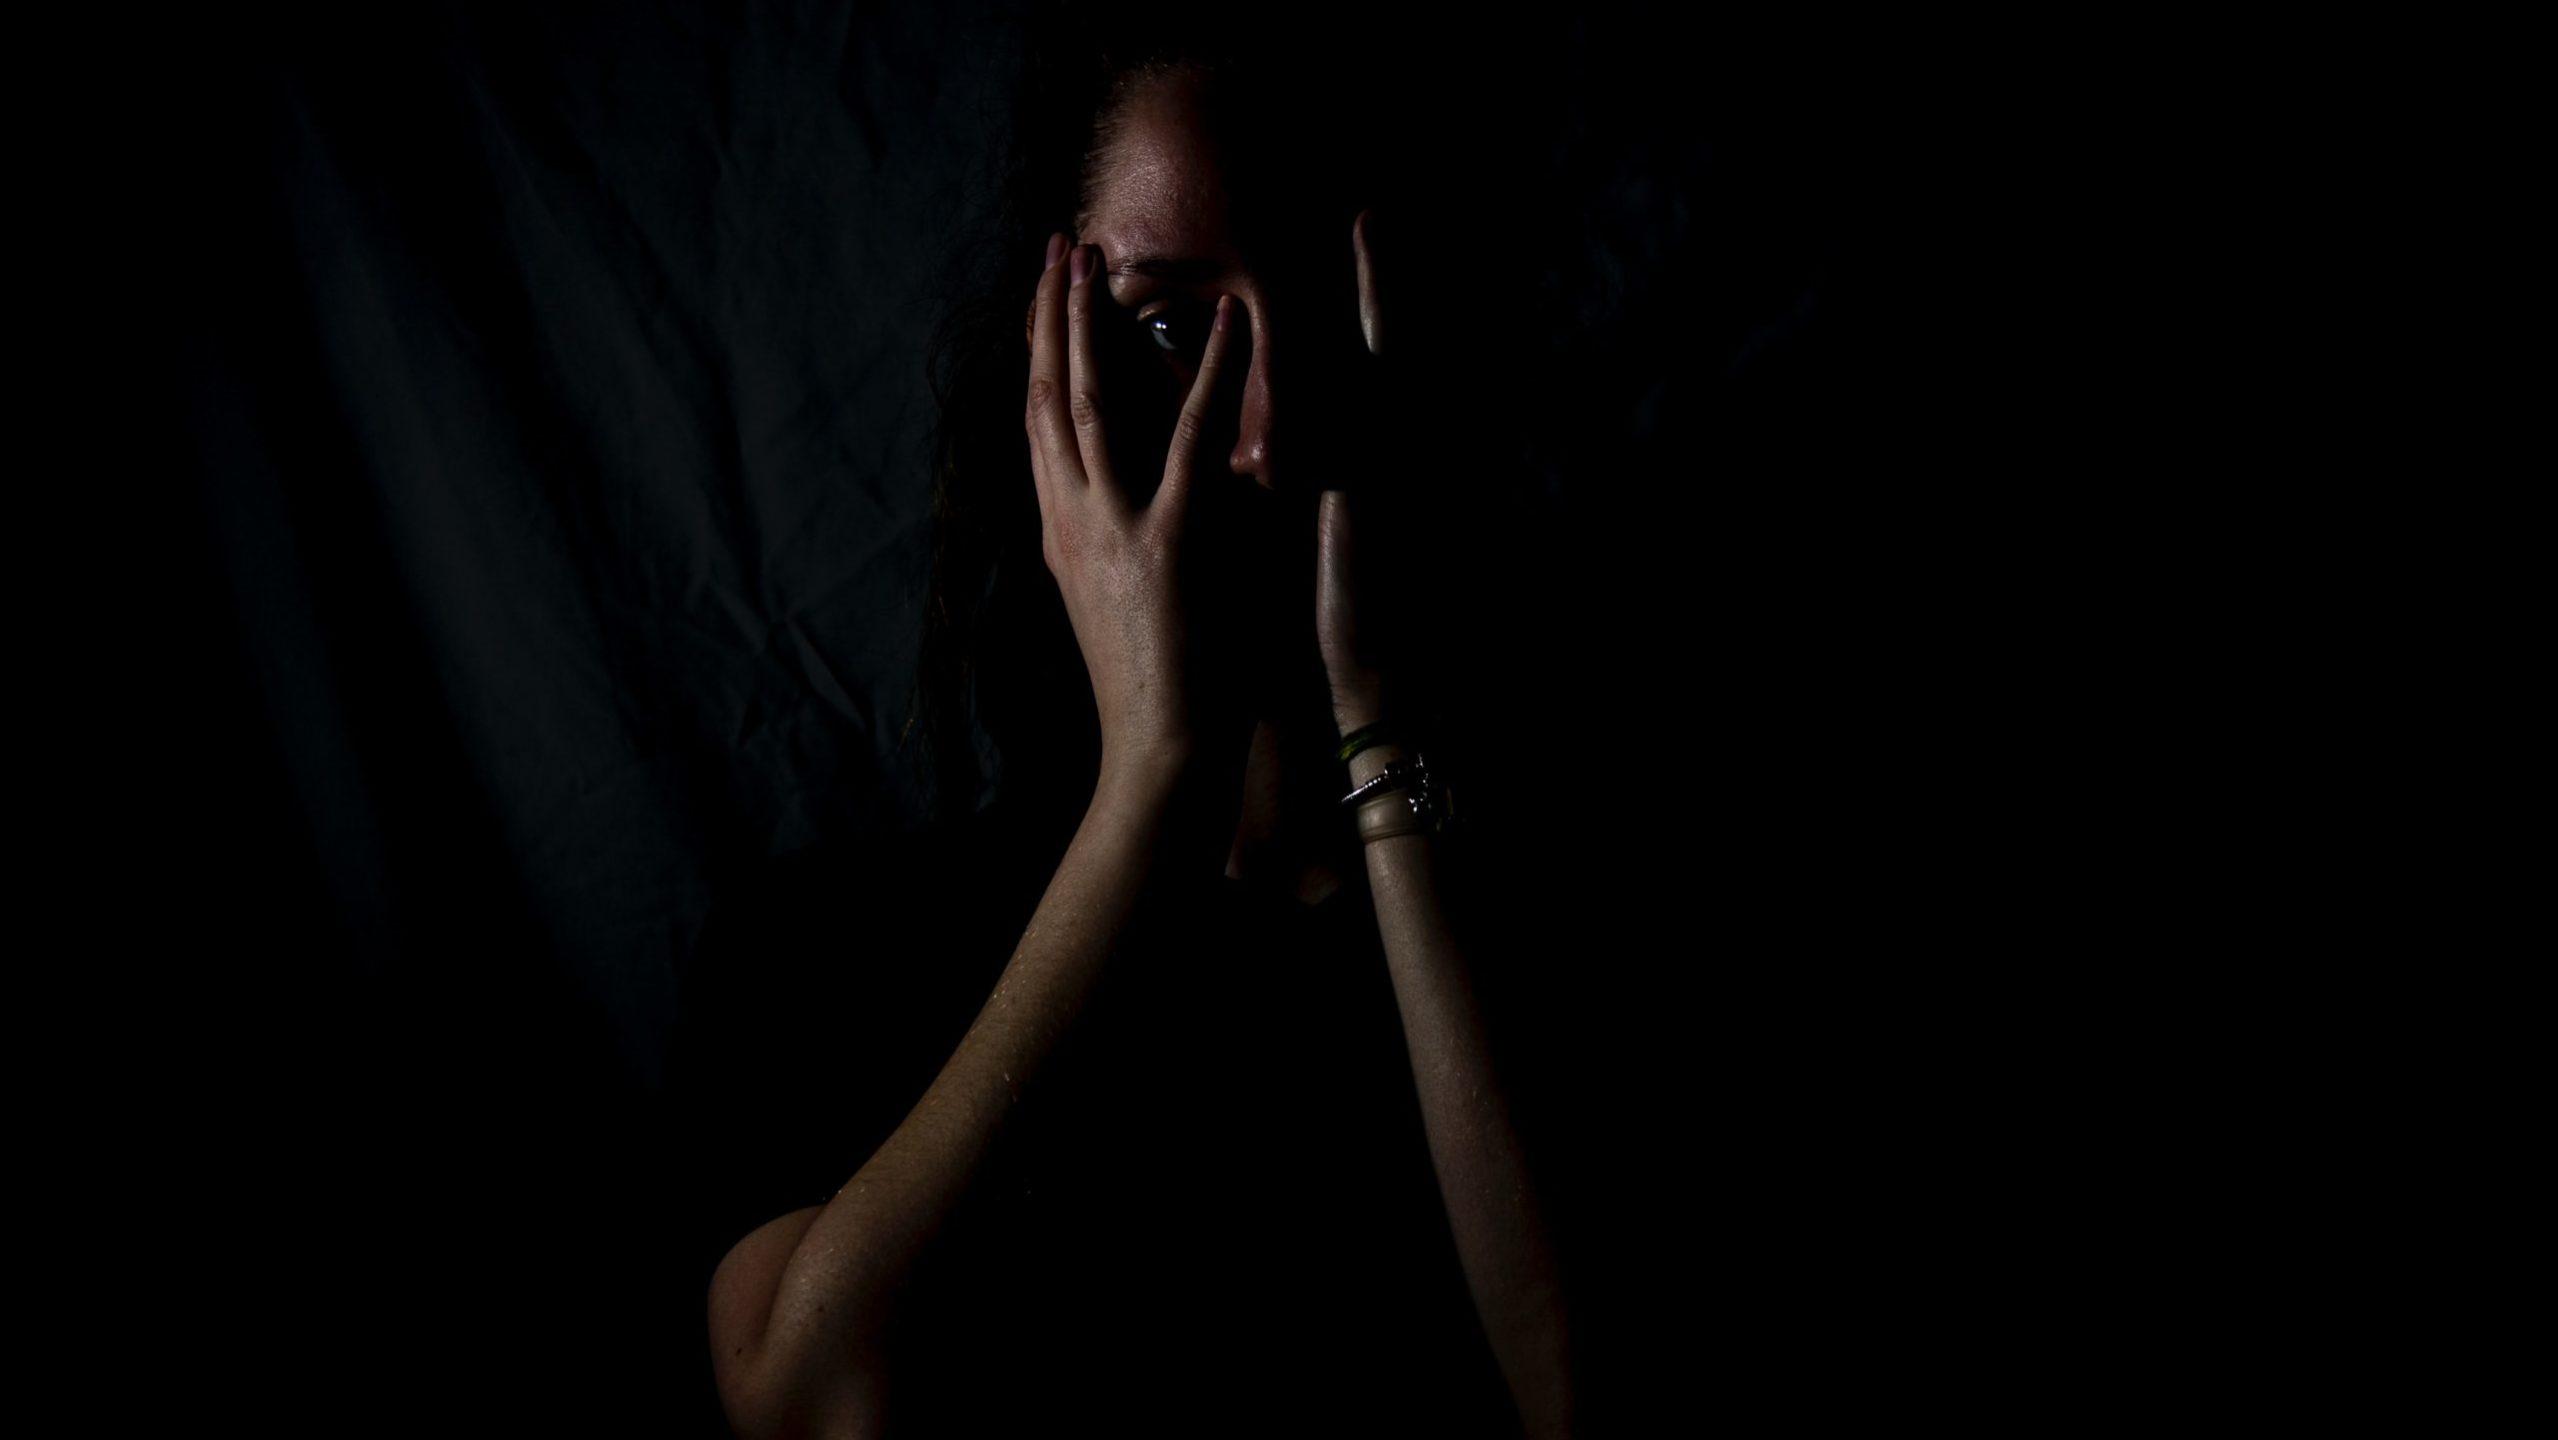 Homens que praticam violência contra a mulher podem se ver como vítima de conflito